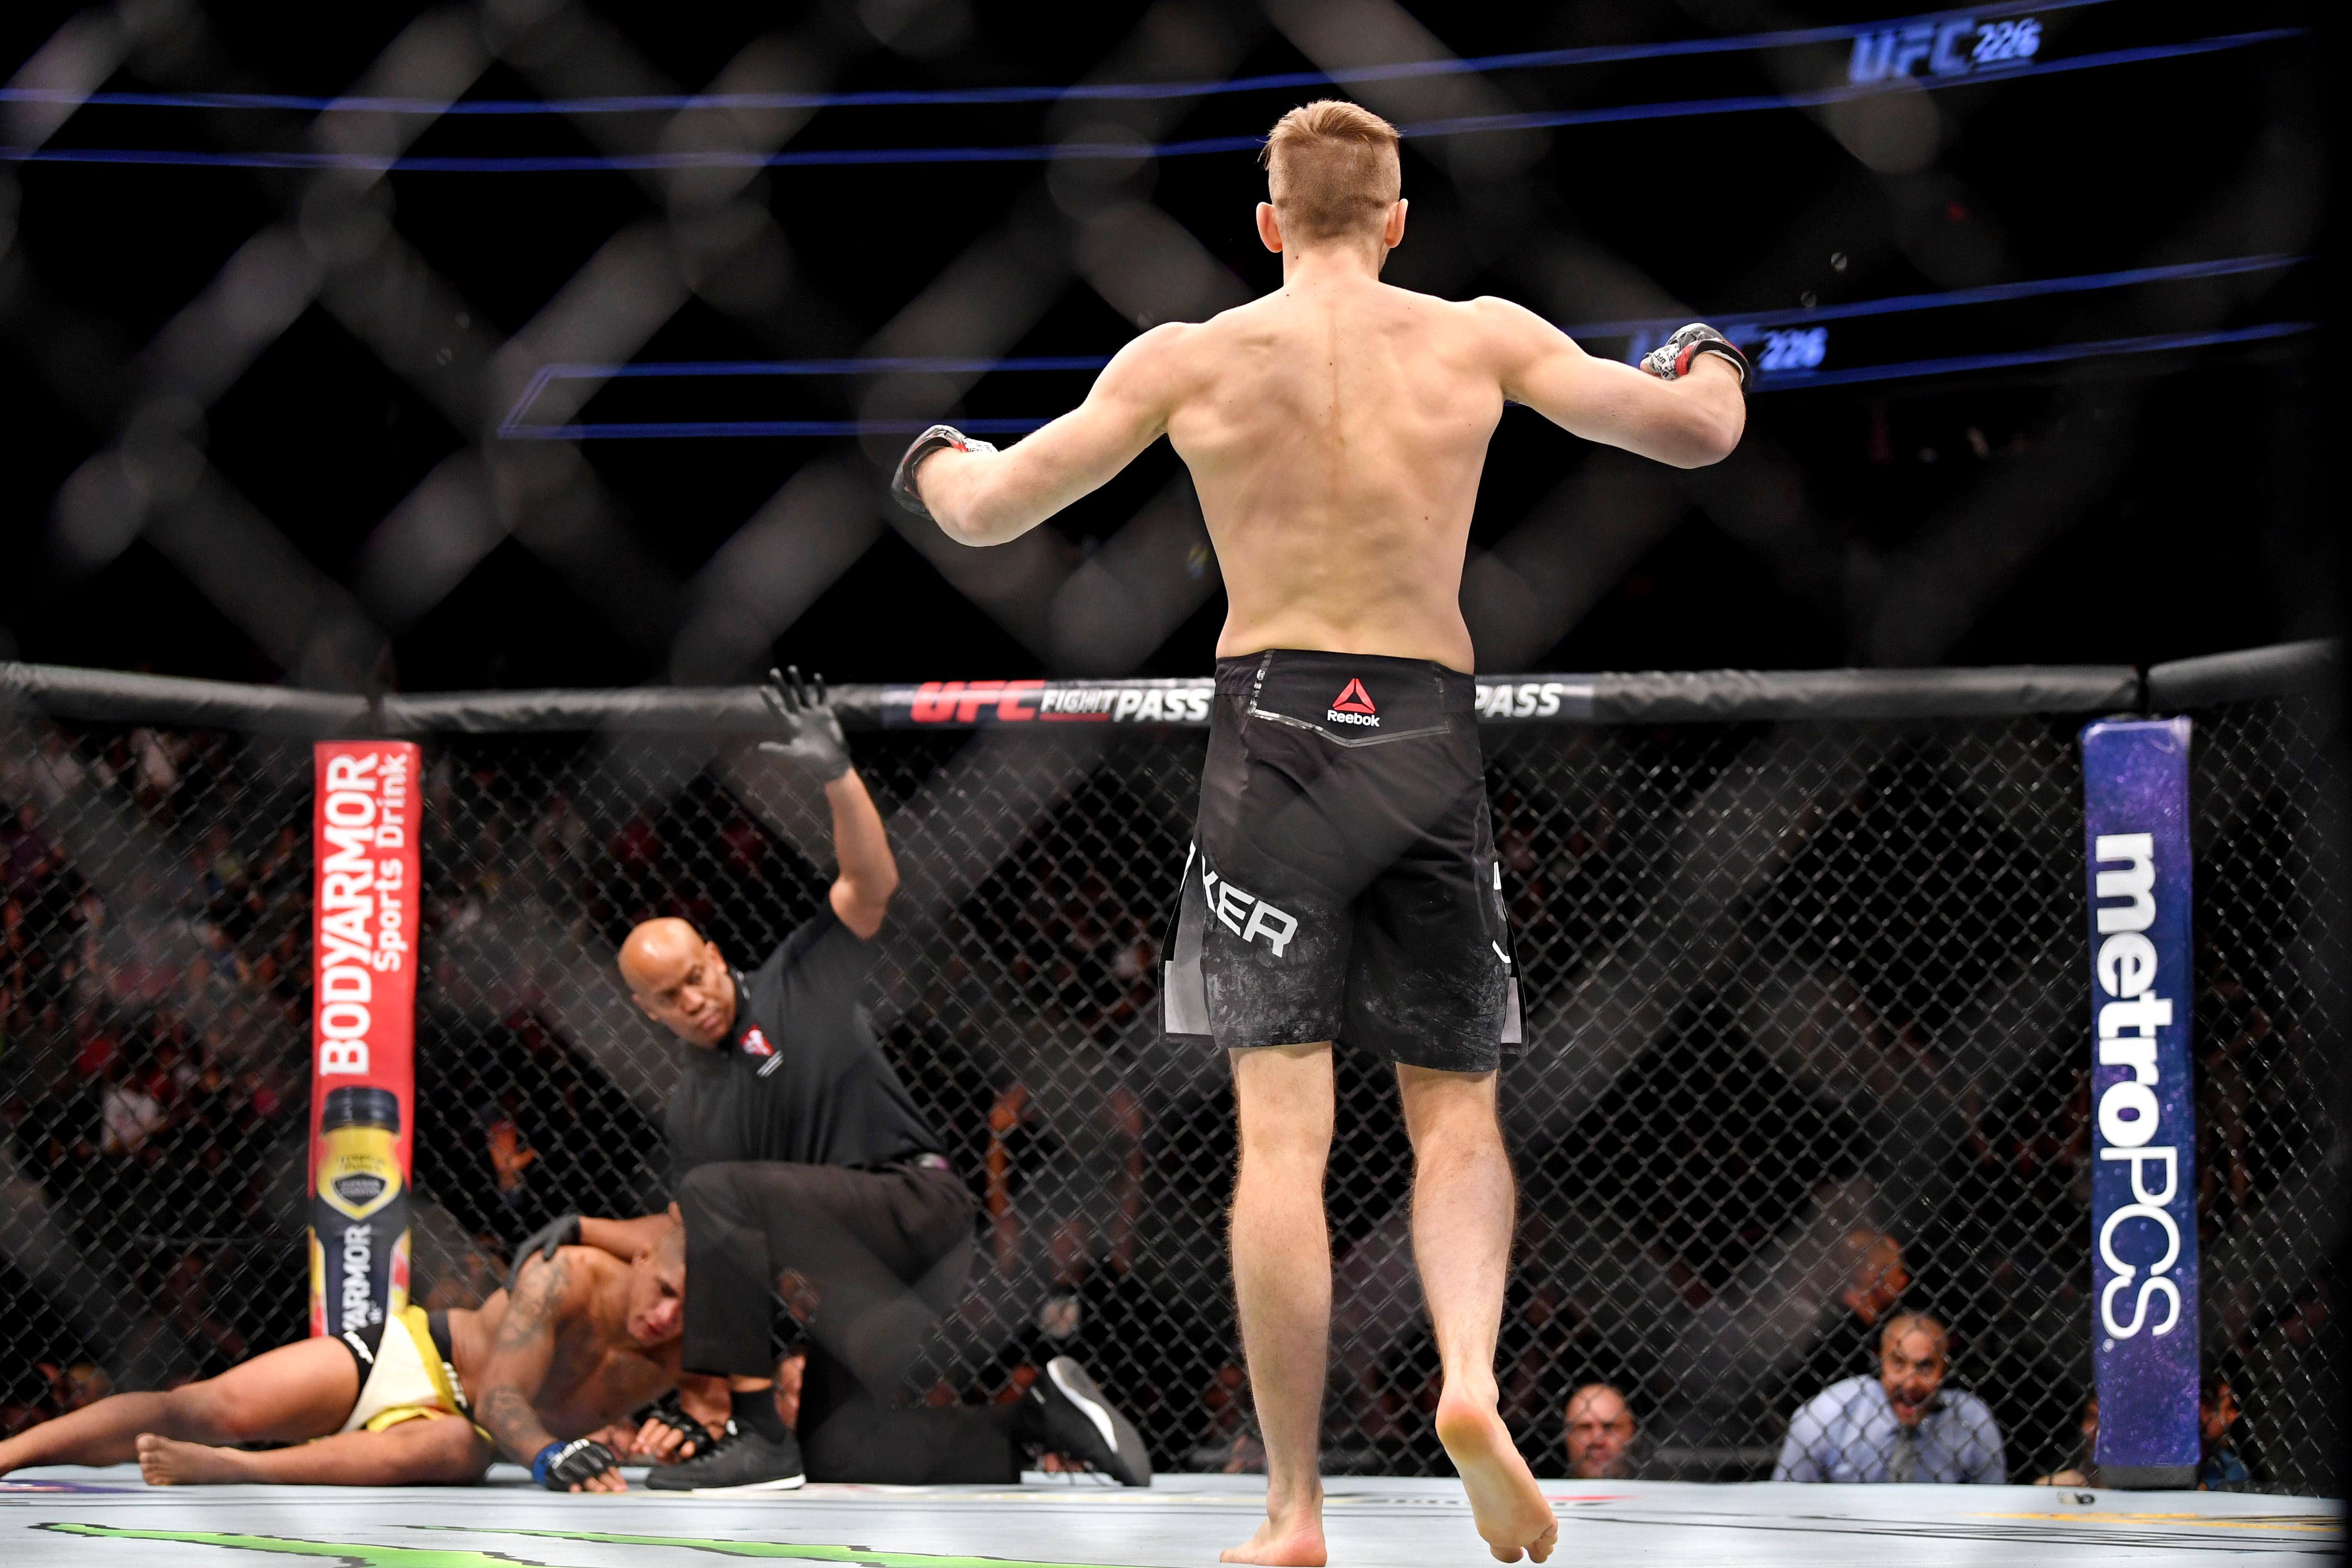 MMA: UFC 226-Hooker vs Burns